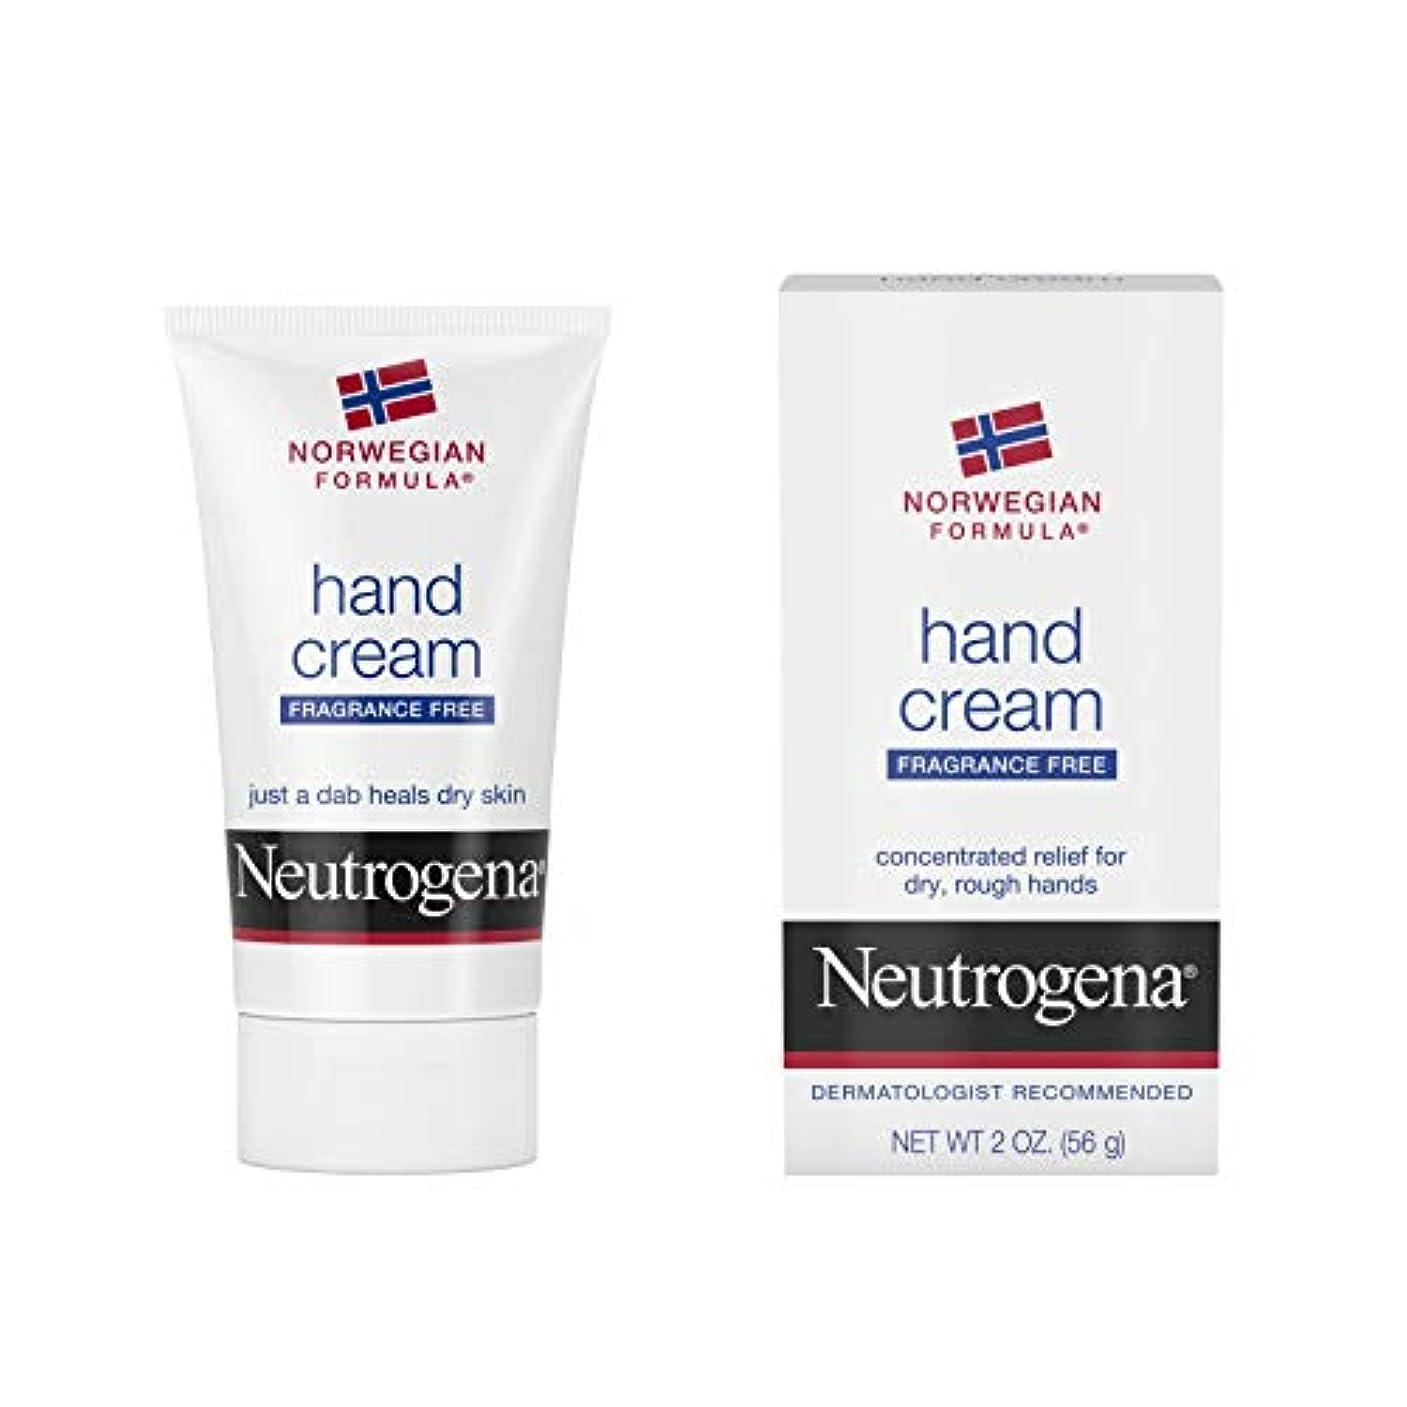 テーププロポーショナル範囲Neutrogena Norwegian Formula Hand Cream Fragrance-Free 60 ml (並行輸入品)